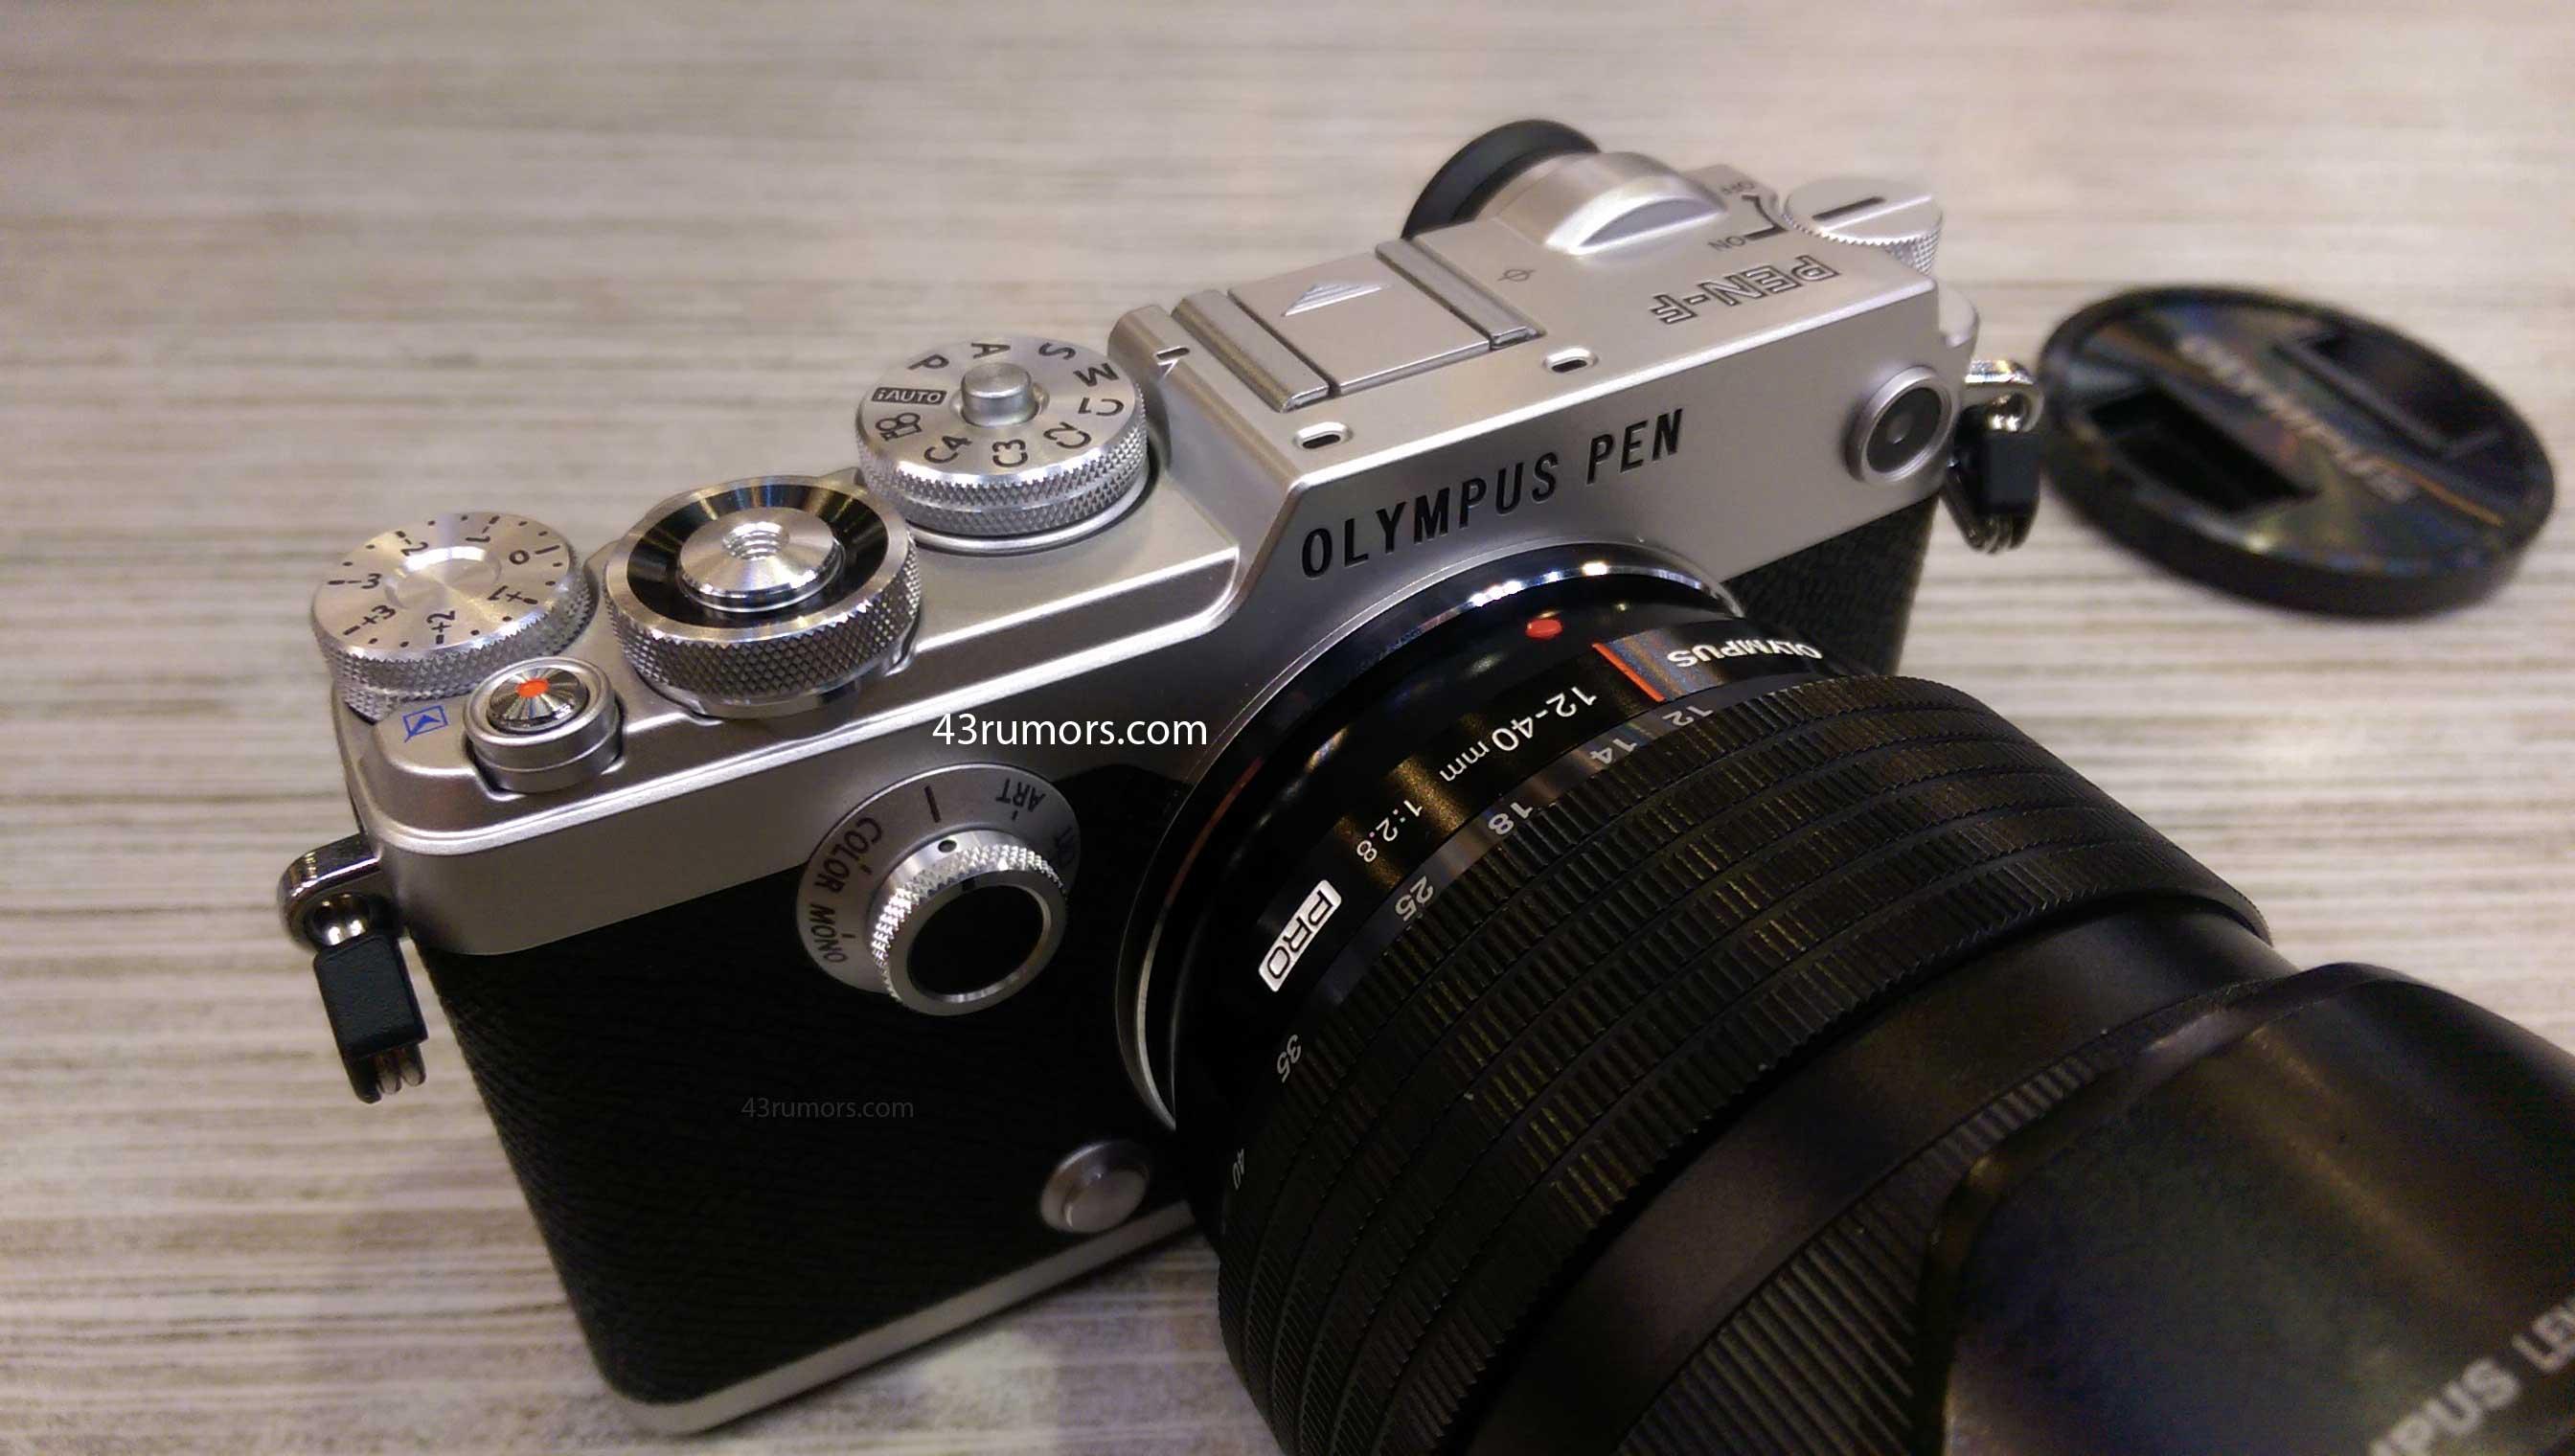 Thông tin chi tiết về chiếc máy Olympus Pen-F ra mắt trong 2 ngày nữa:cảm biến 20 Mpx, chụp 50 Mpx - 108911